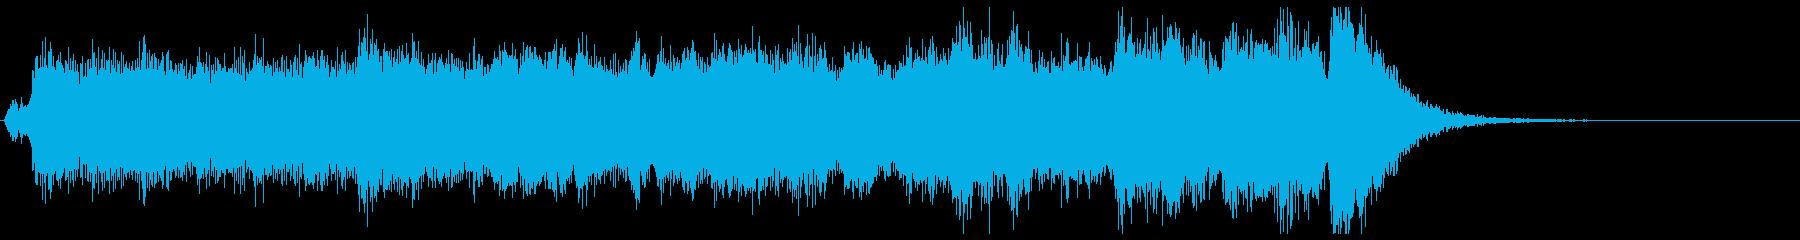 荘厳な始まり!フルオケジングル:合唱無の再生済みの波形